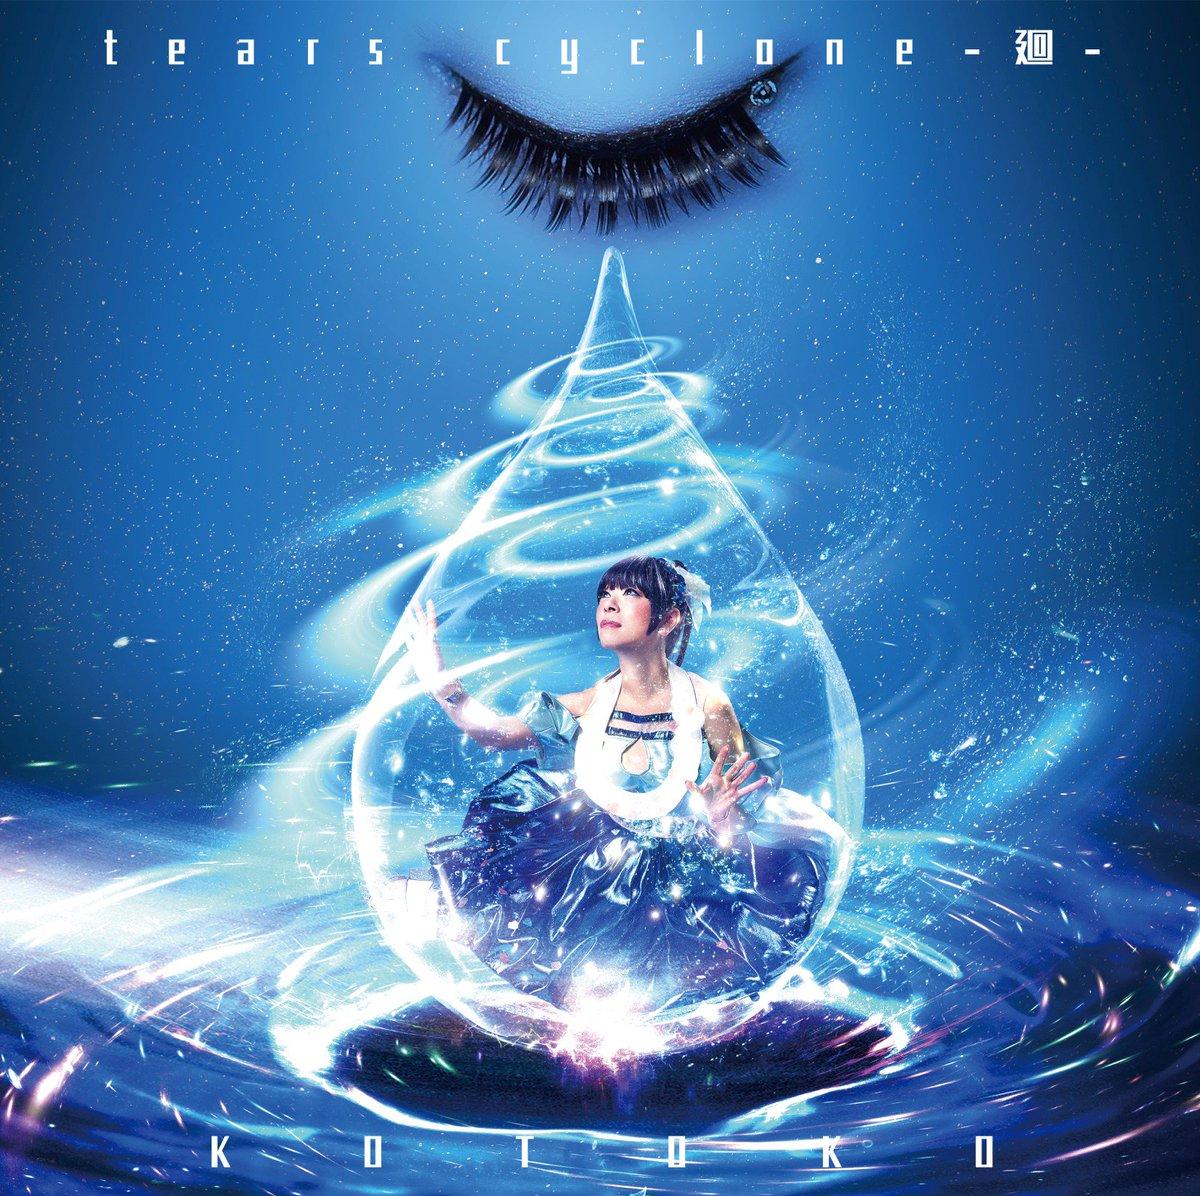 7th album 「tears cyclone -Kai-」 Dd3uDP1V0AAm8Ij